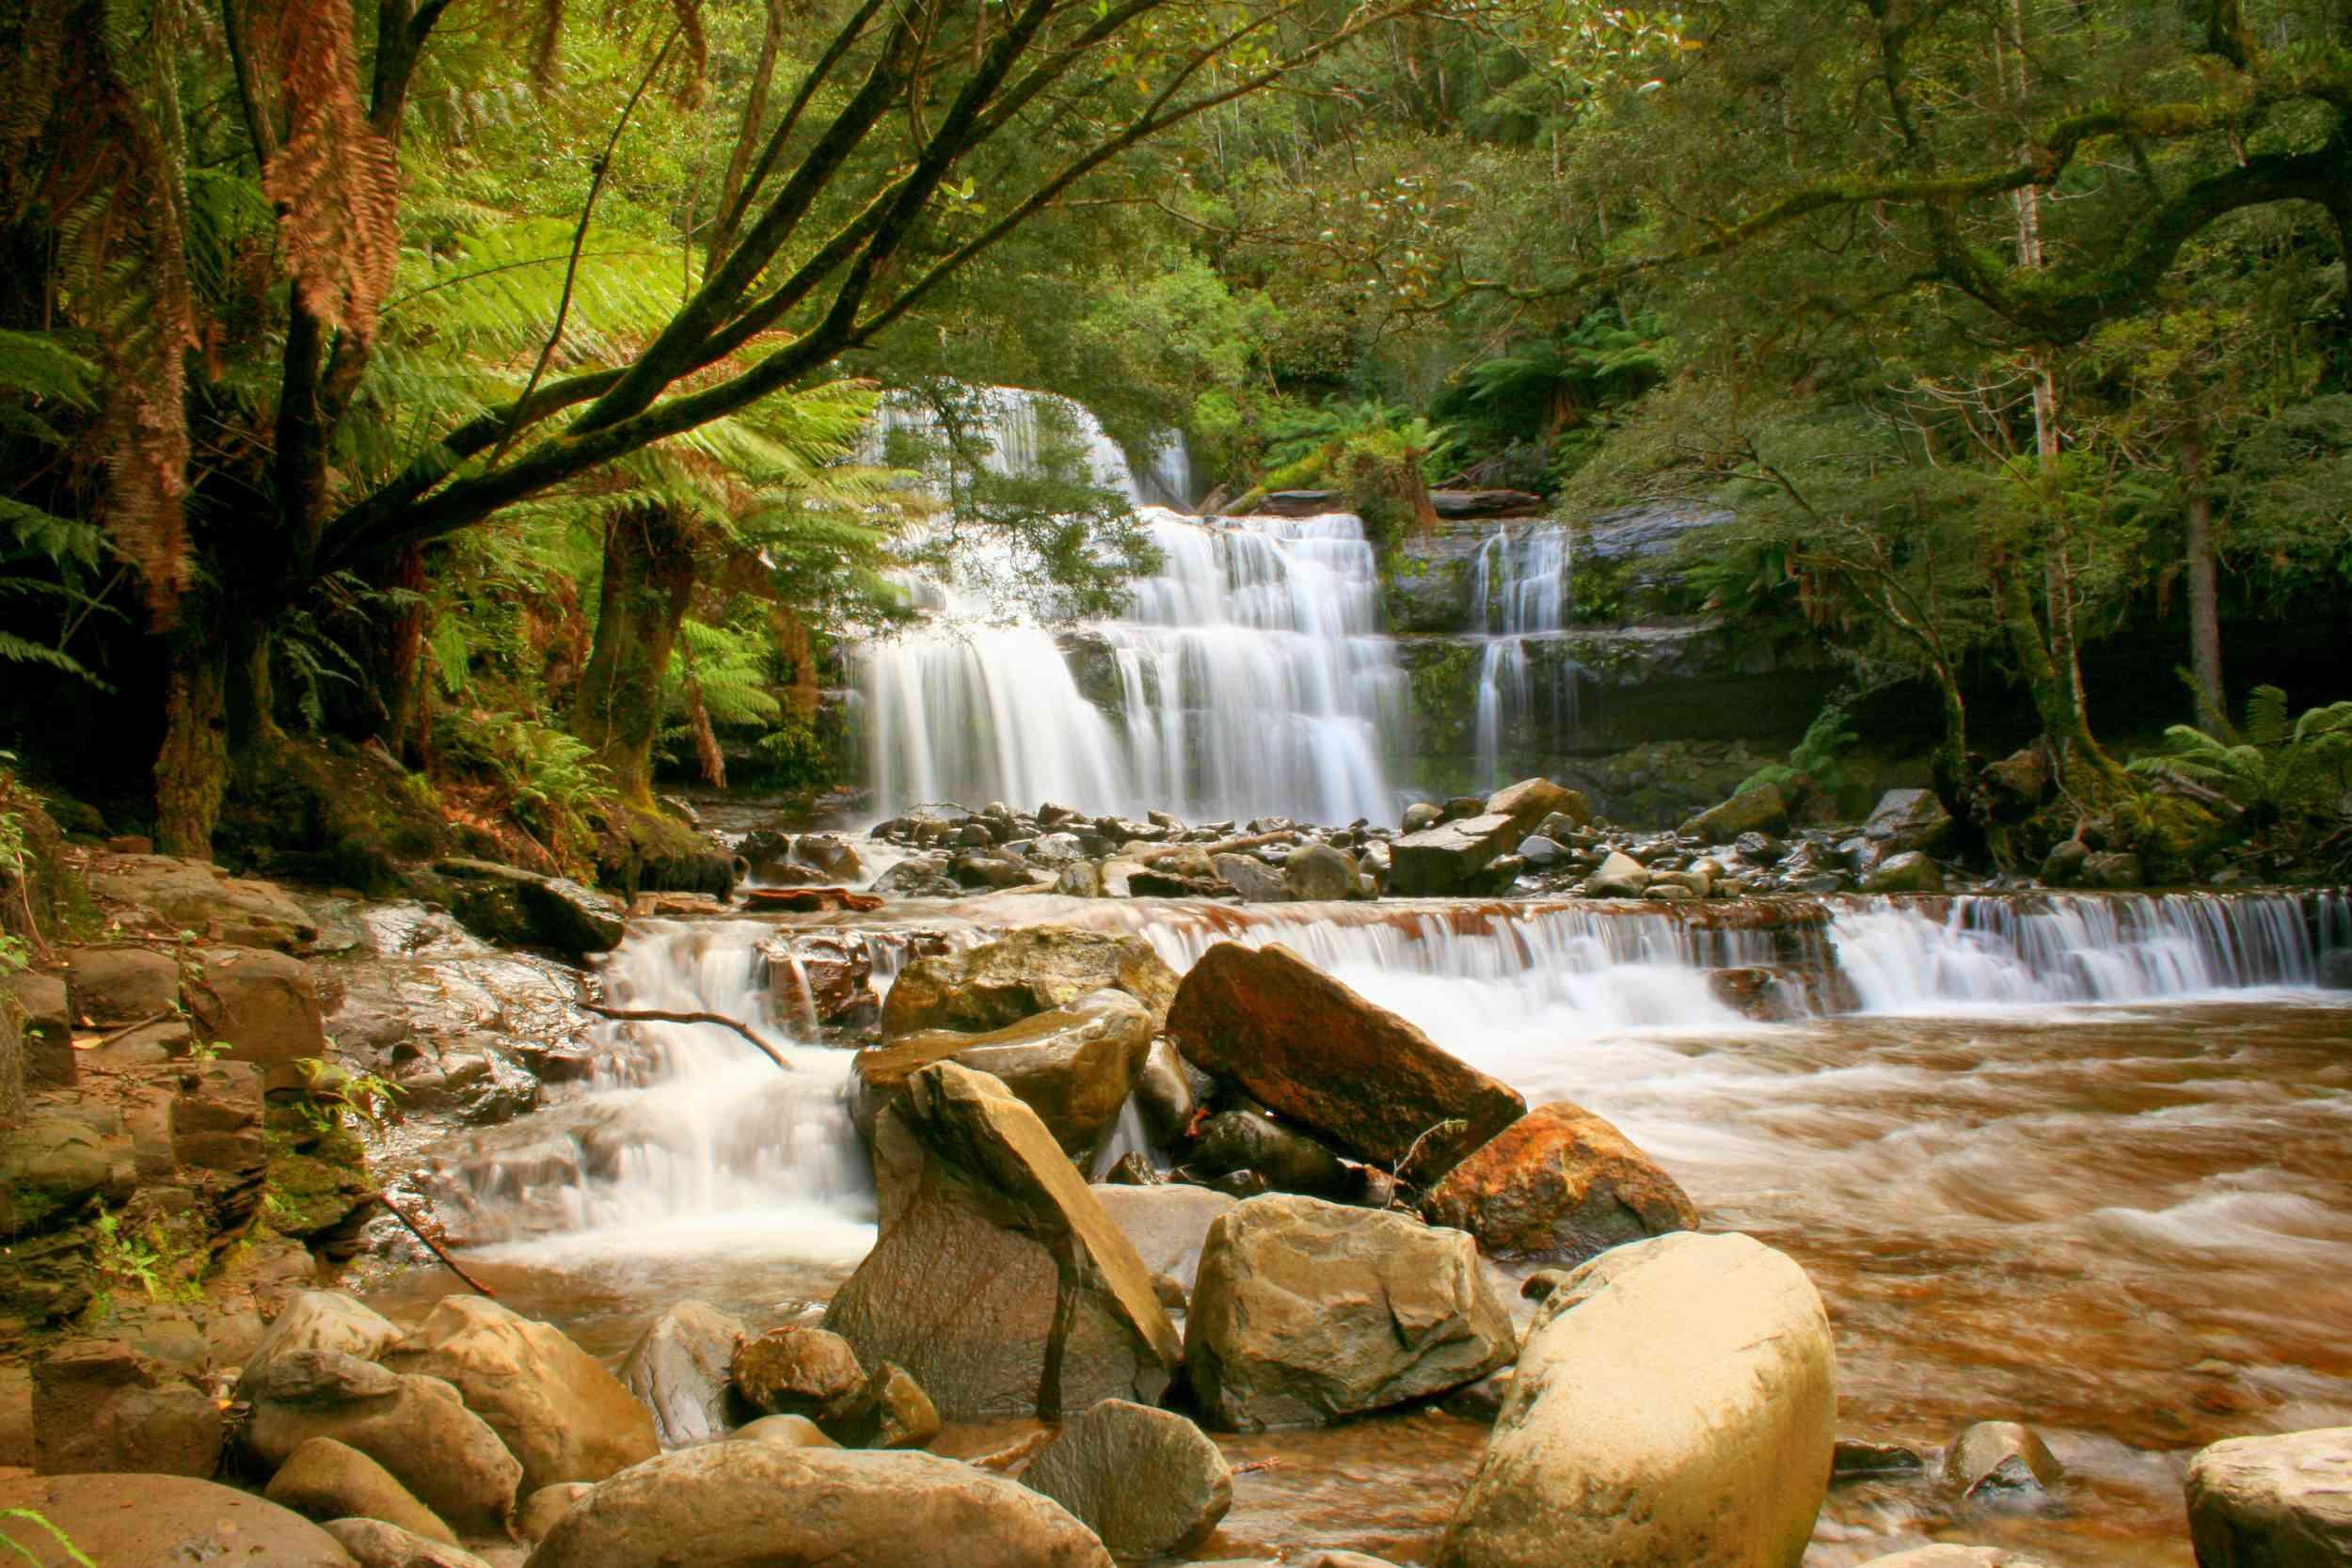 LIffey Falls, a three-tiered waterfall in Tasmania